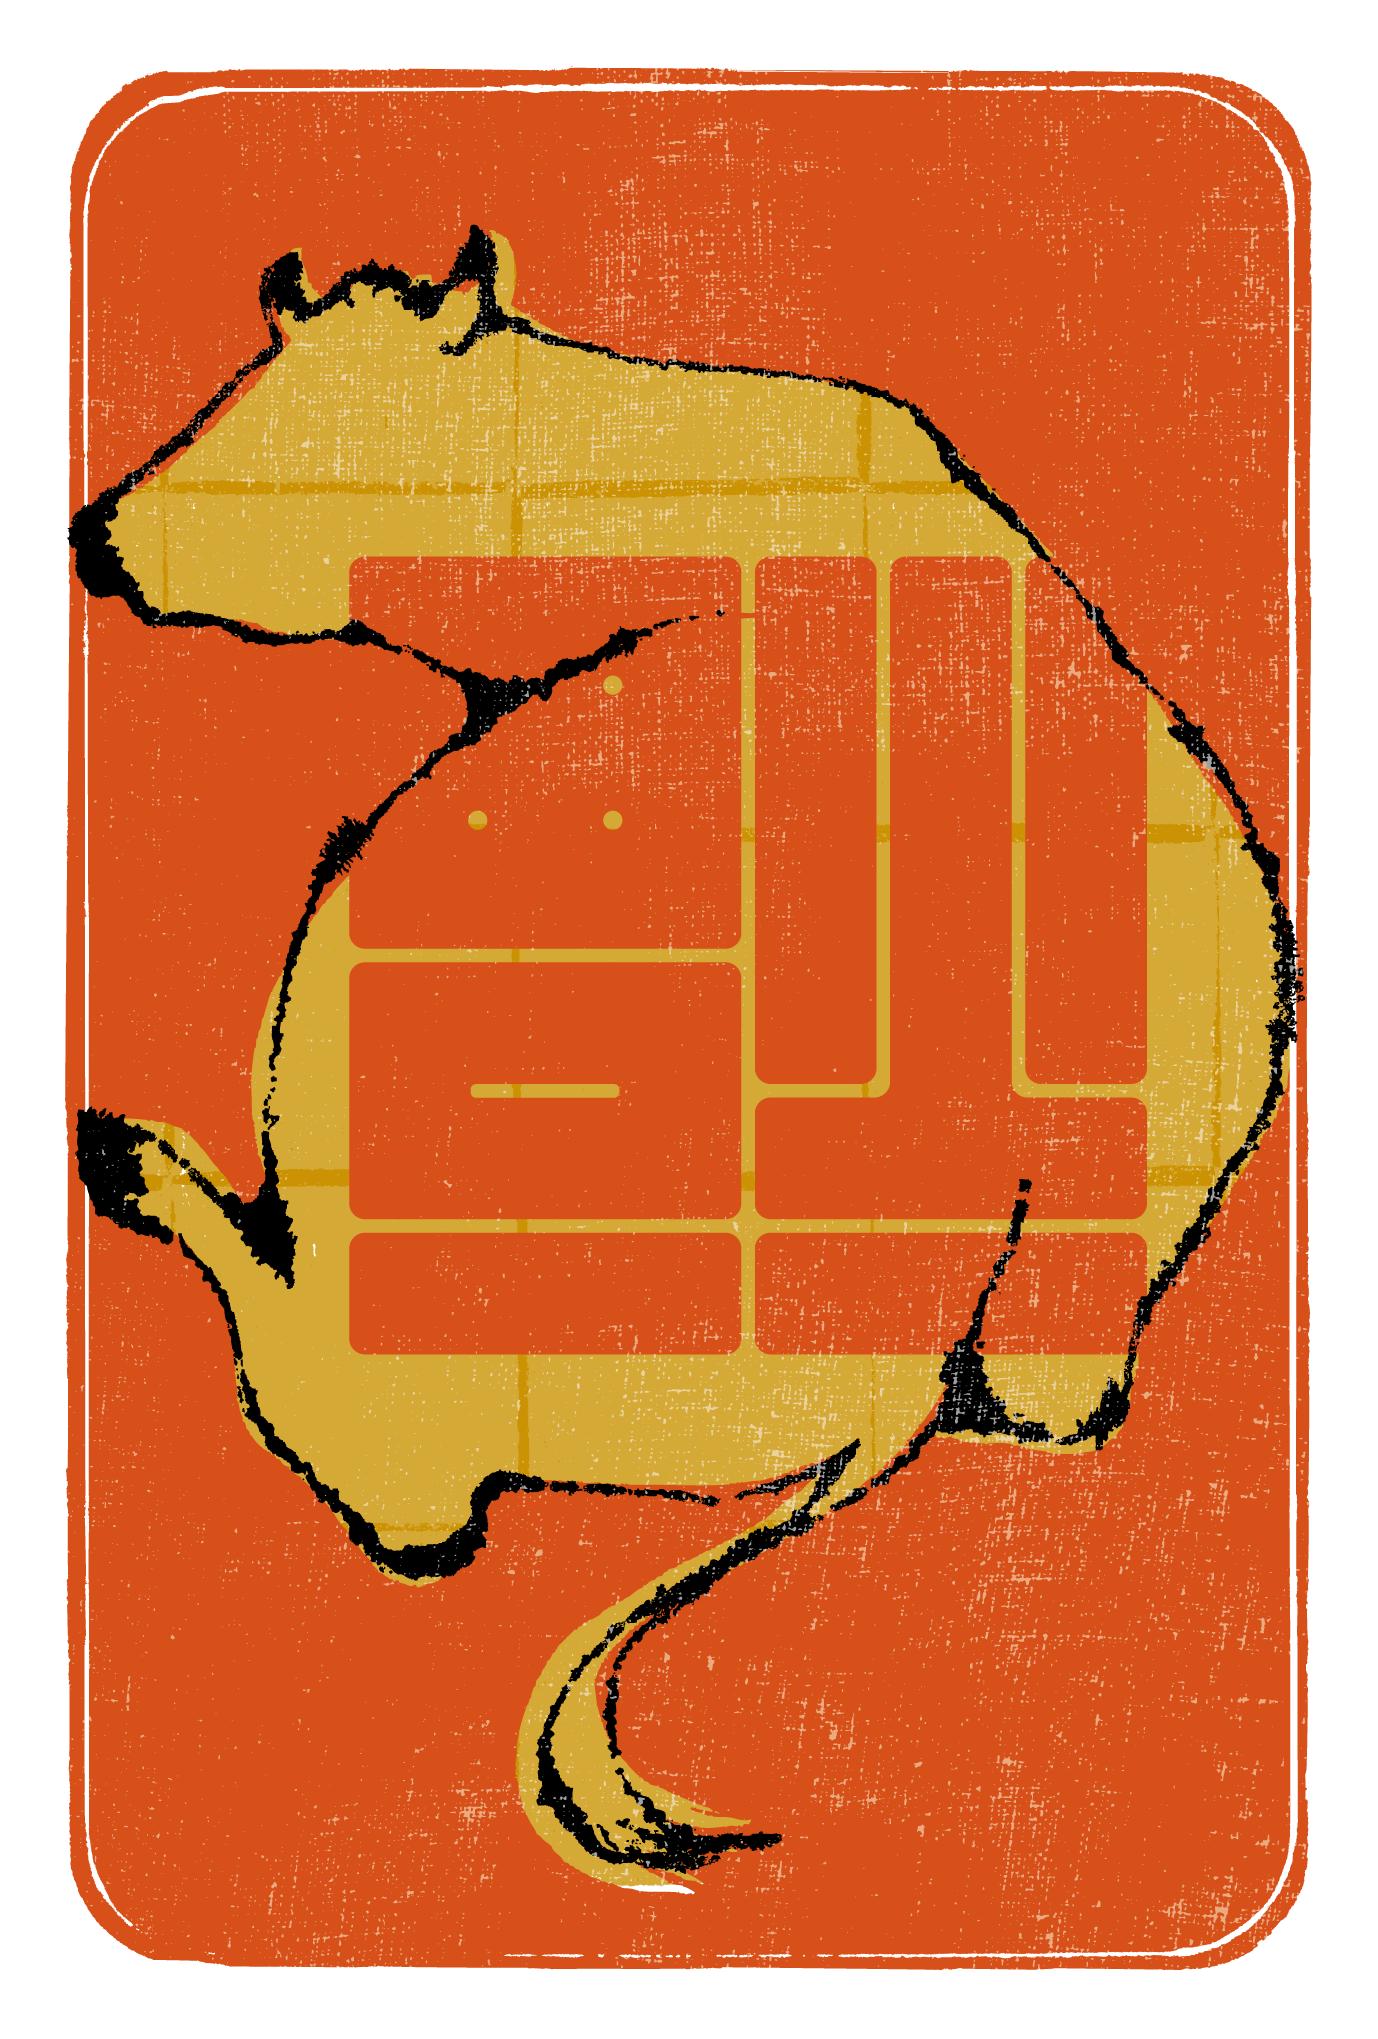 2021春節04-1:牛と倒福(金牛)のダウンロード画像